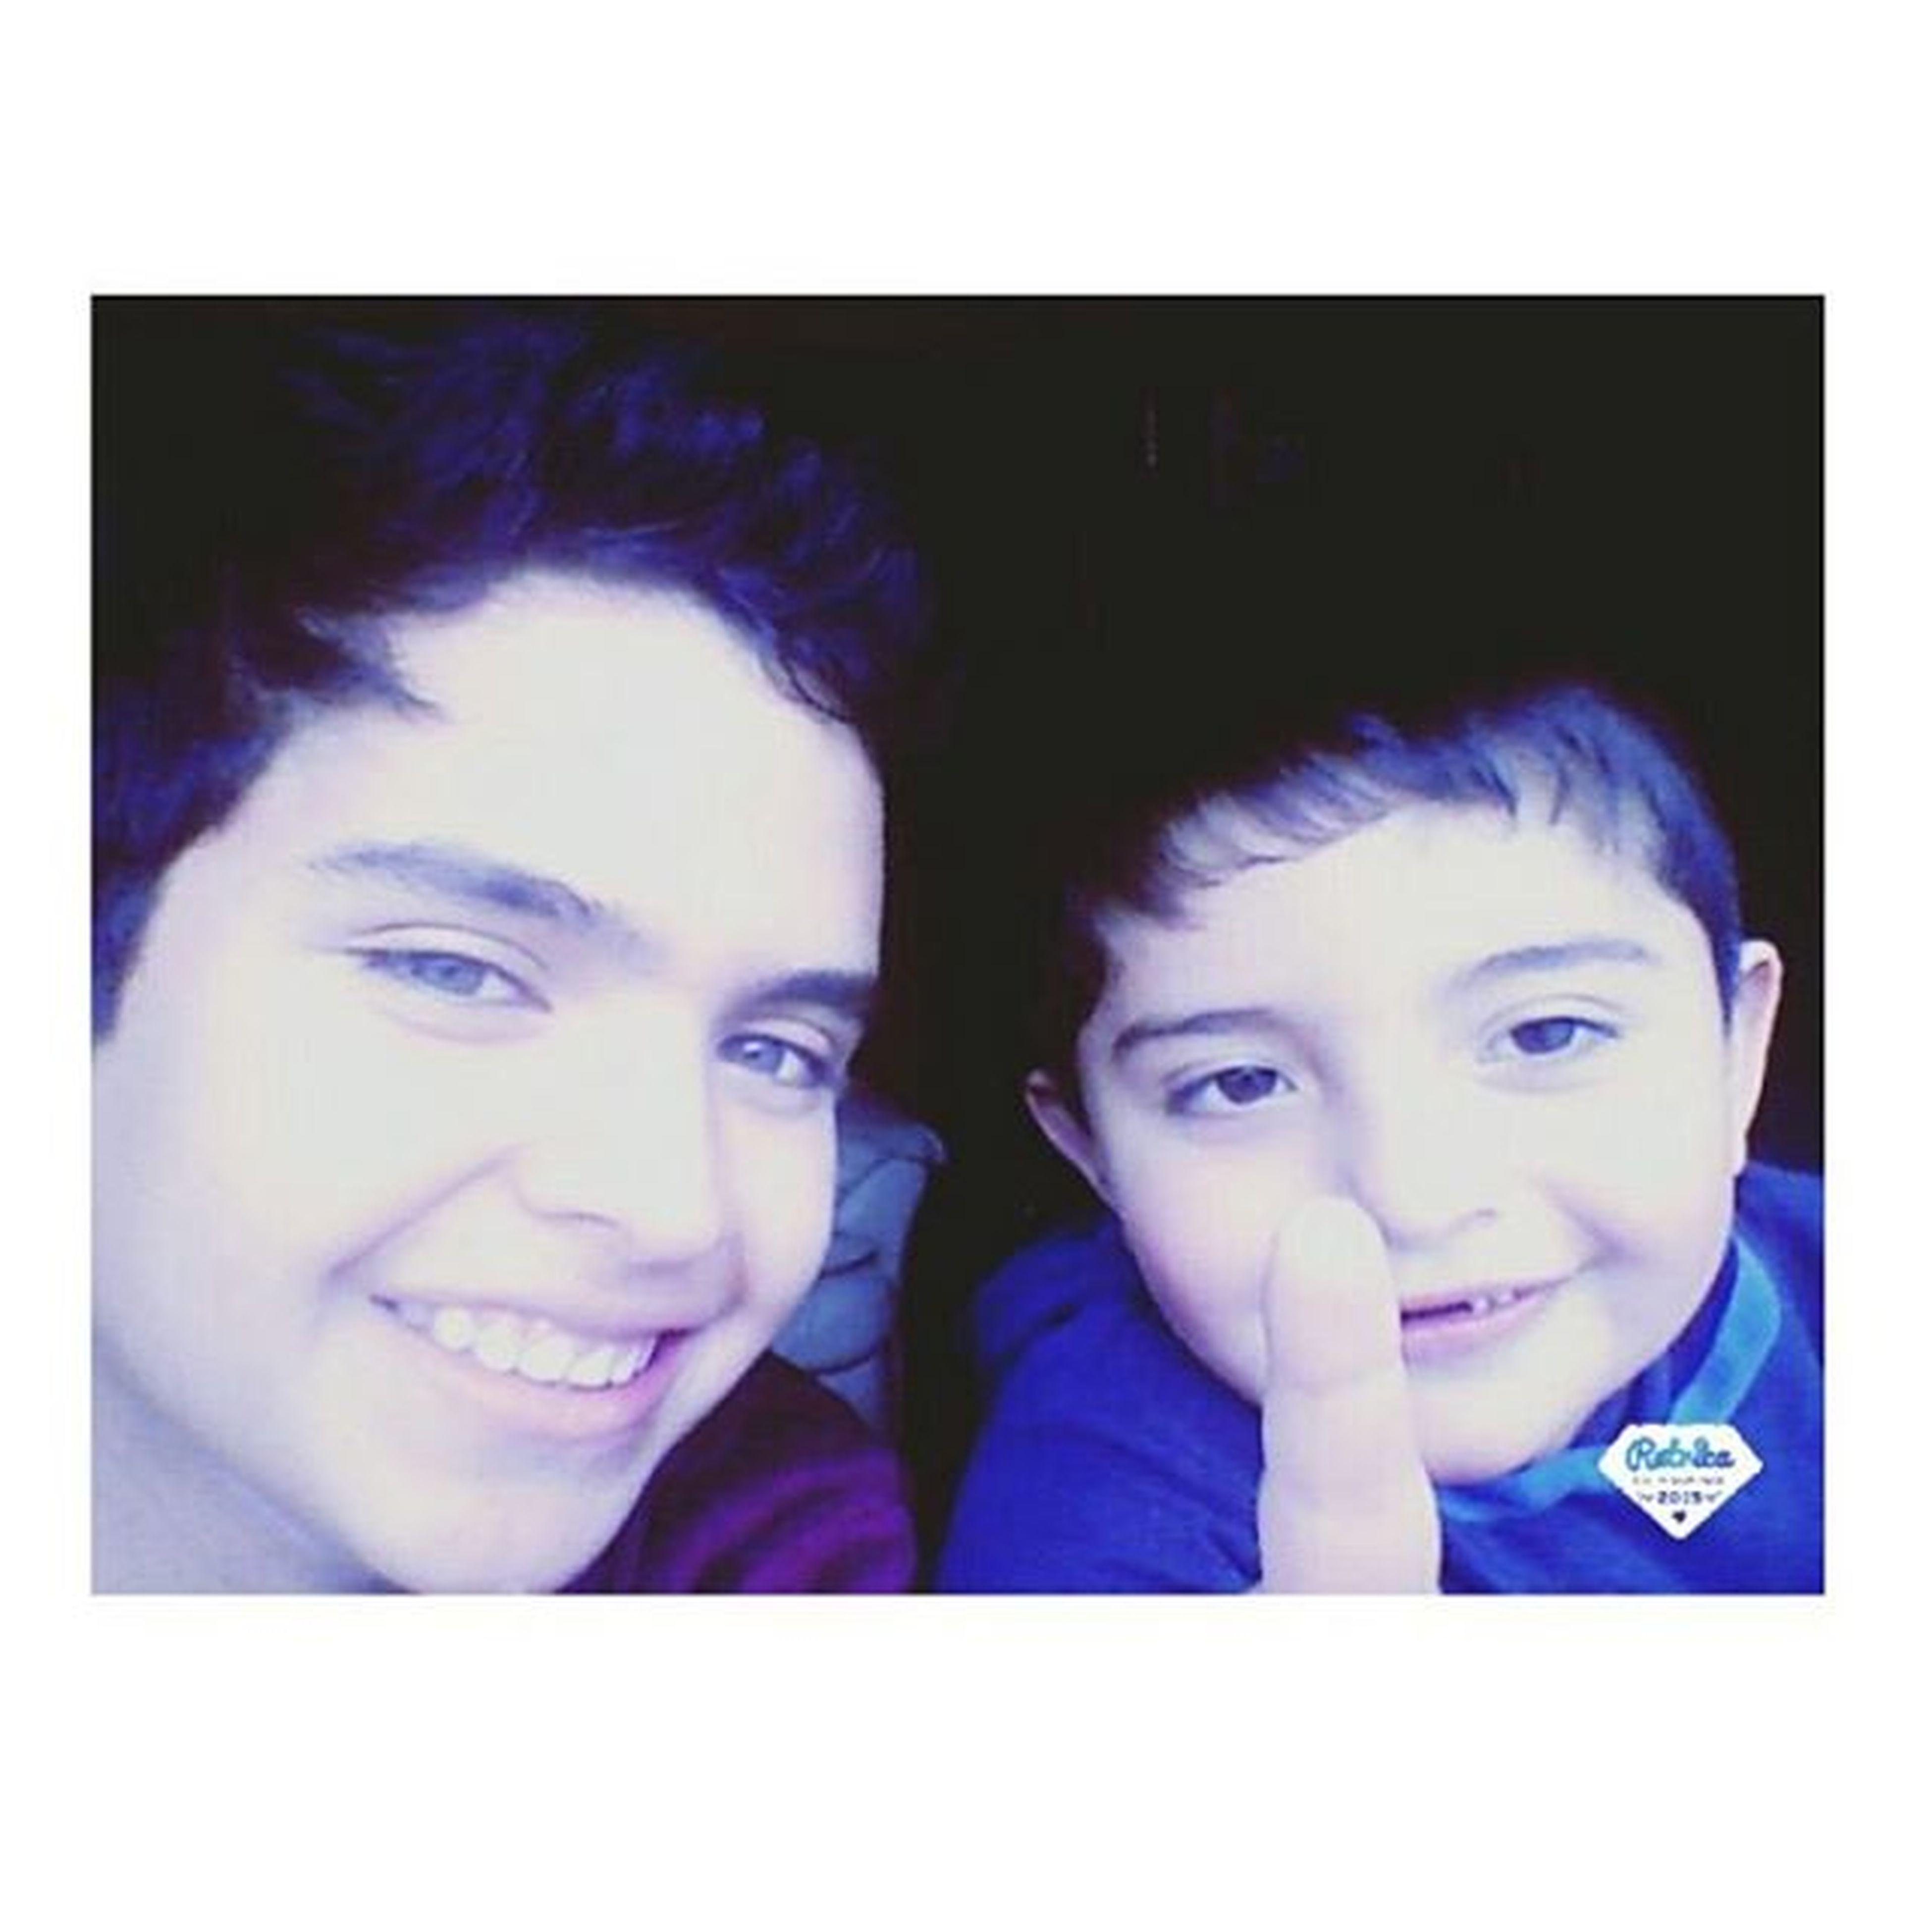 Mi hermano y su cara de volado bhshrh Hermanos Lindos Locos Sonrisapepsodent Teamo Instapic Chilegram Instachile Afta Yachao